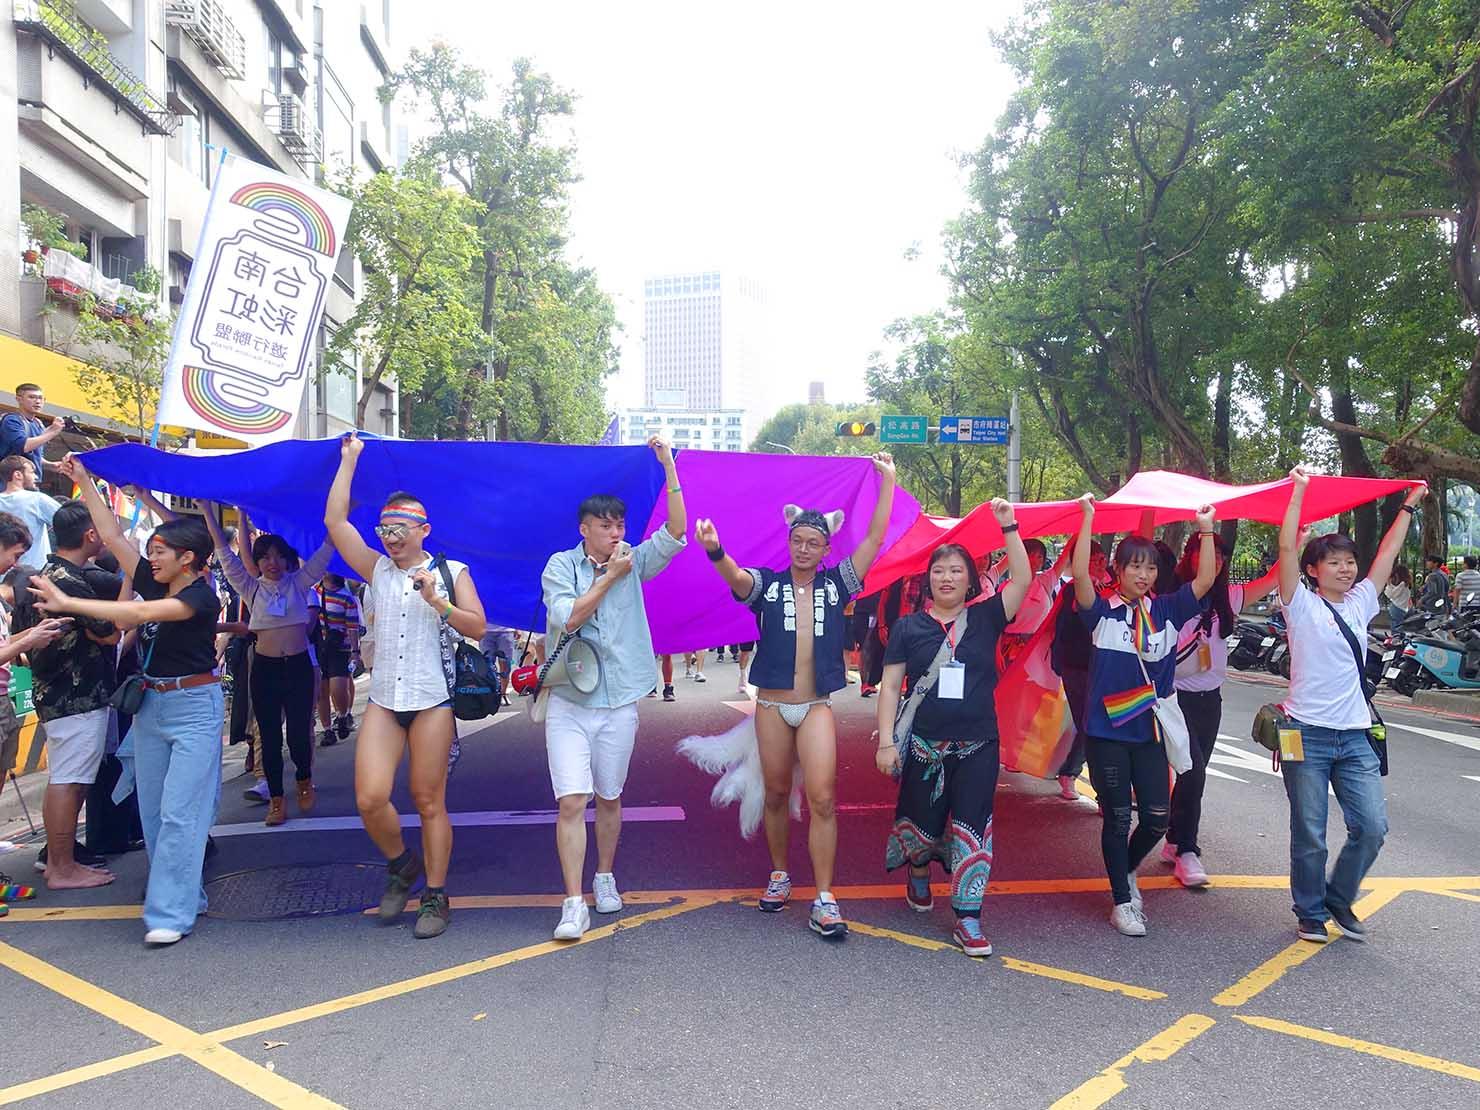 台灣同志遊行(台湾LGBTプライド)2019のパレードを歩くバイセクシュアルのグループ